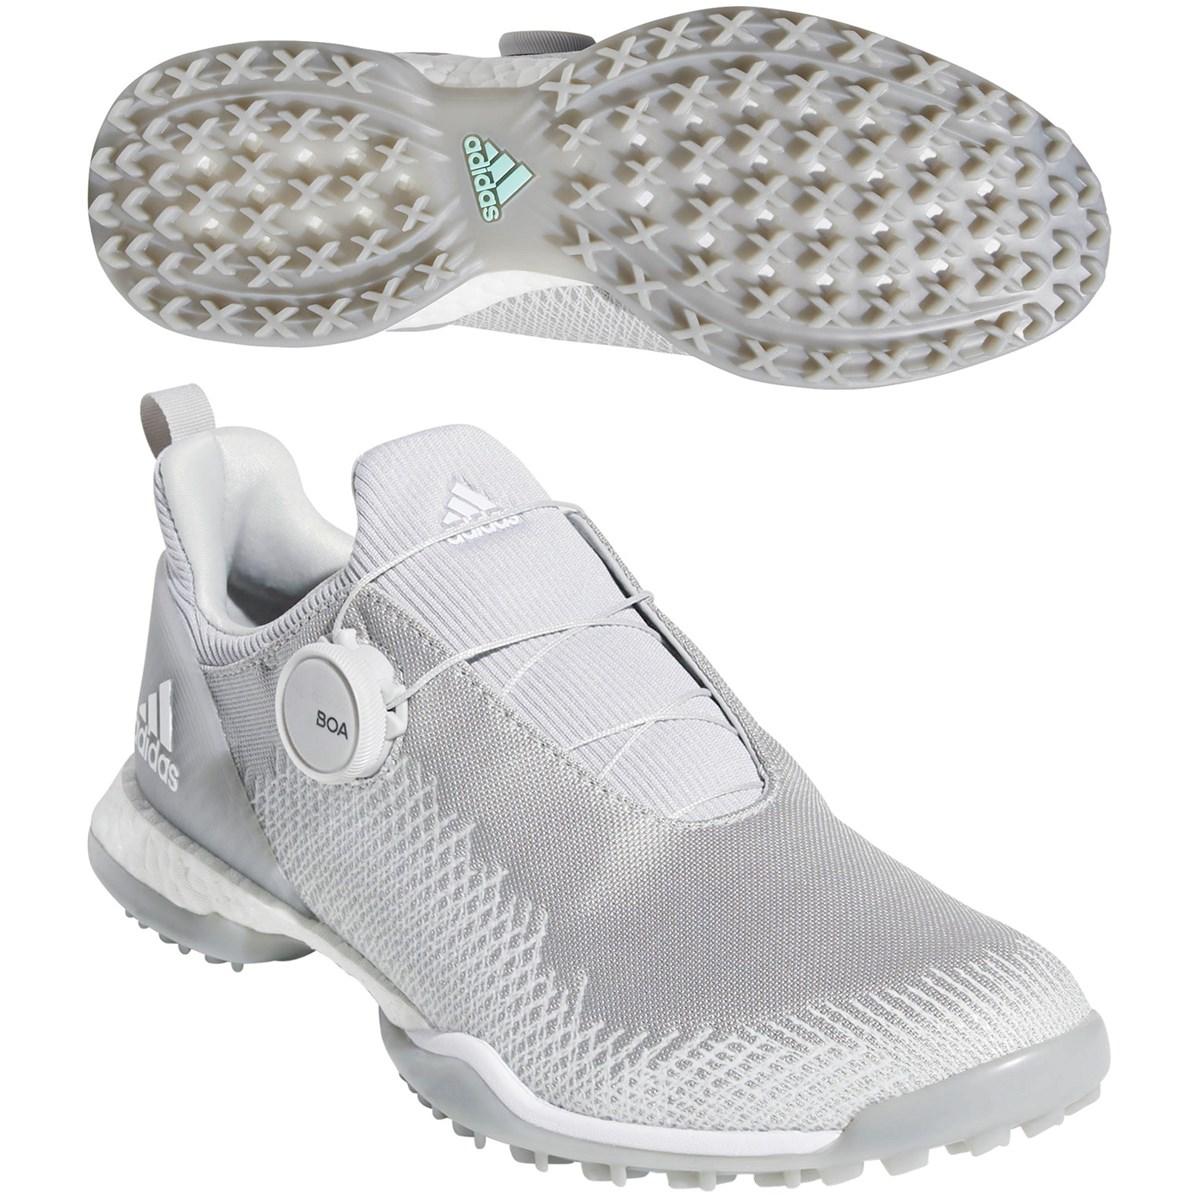 アディダス(adidas) フォージファイバー ボア シューズレディス